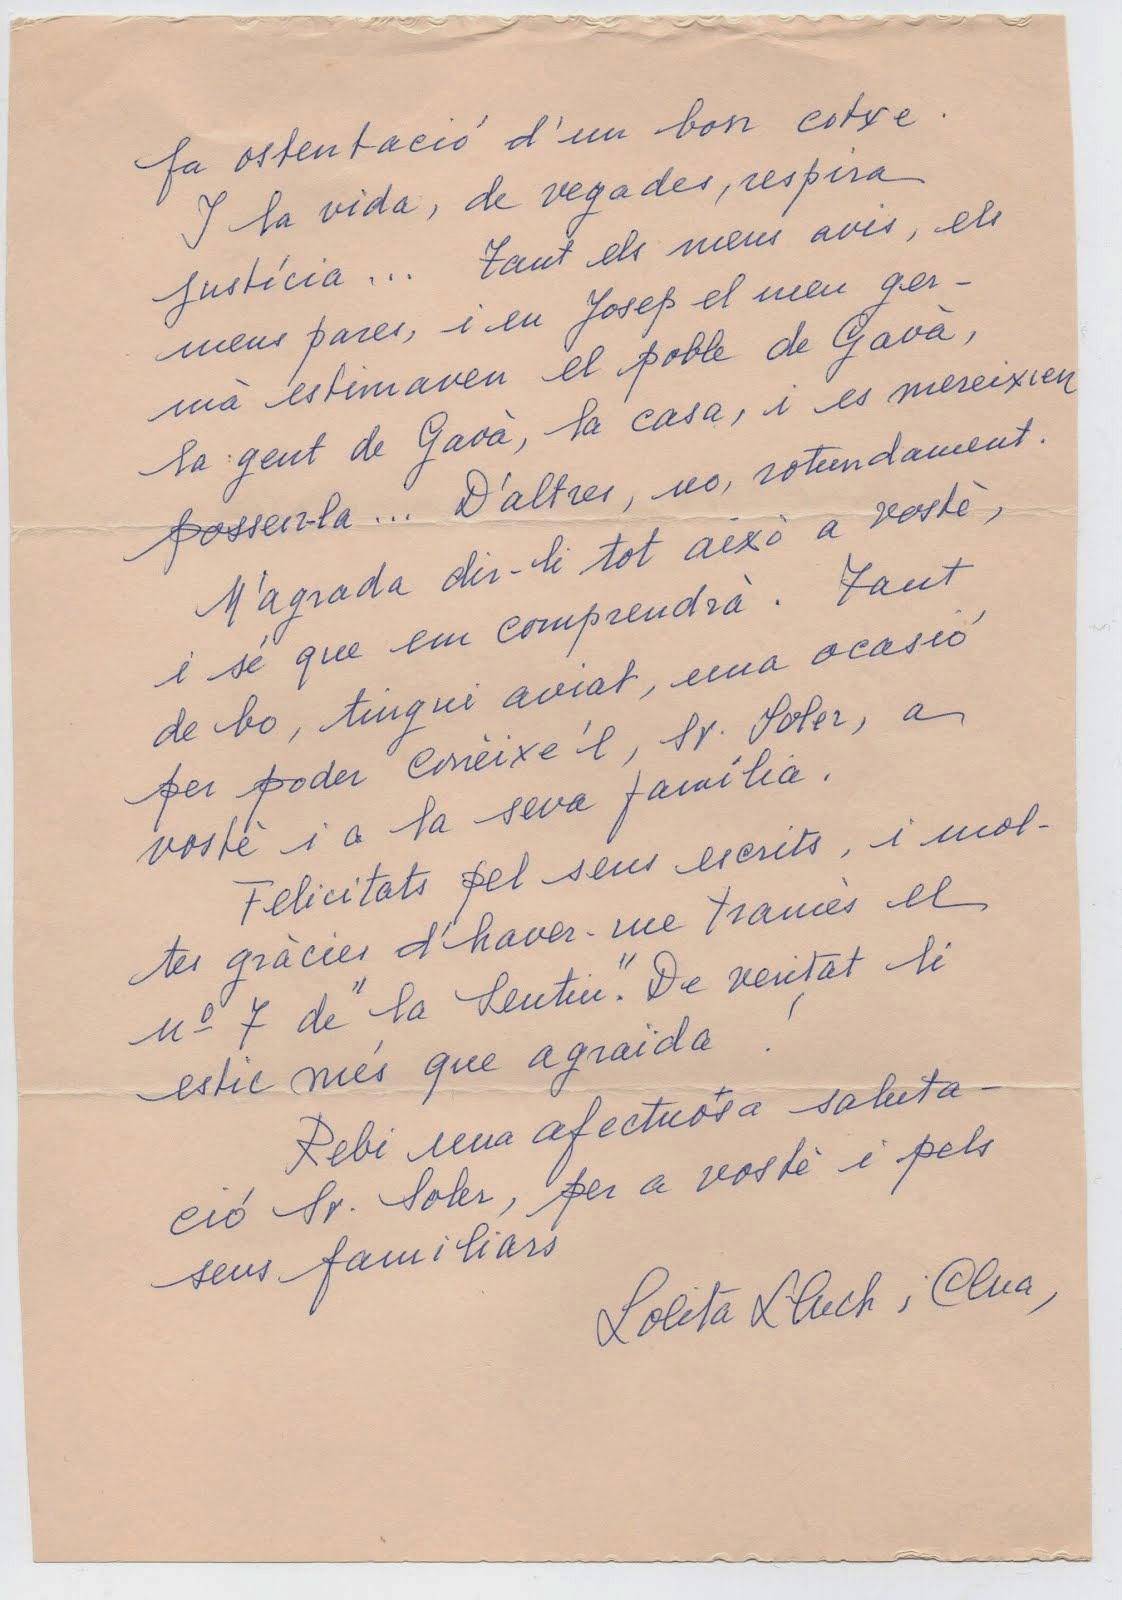 carta de Lolita Lluch a JSV